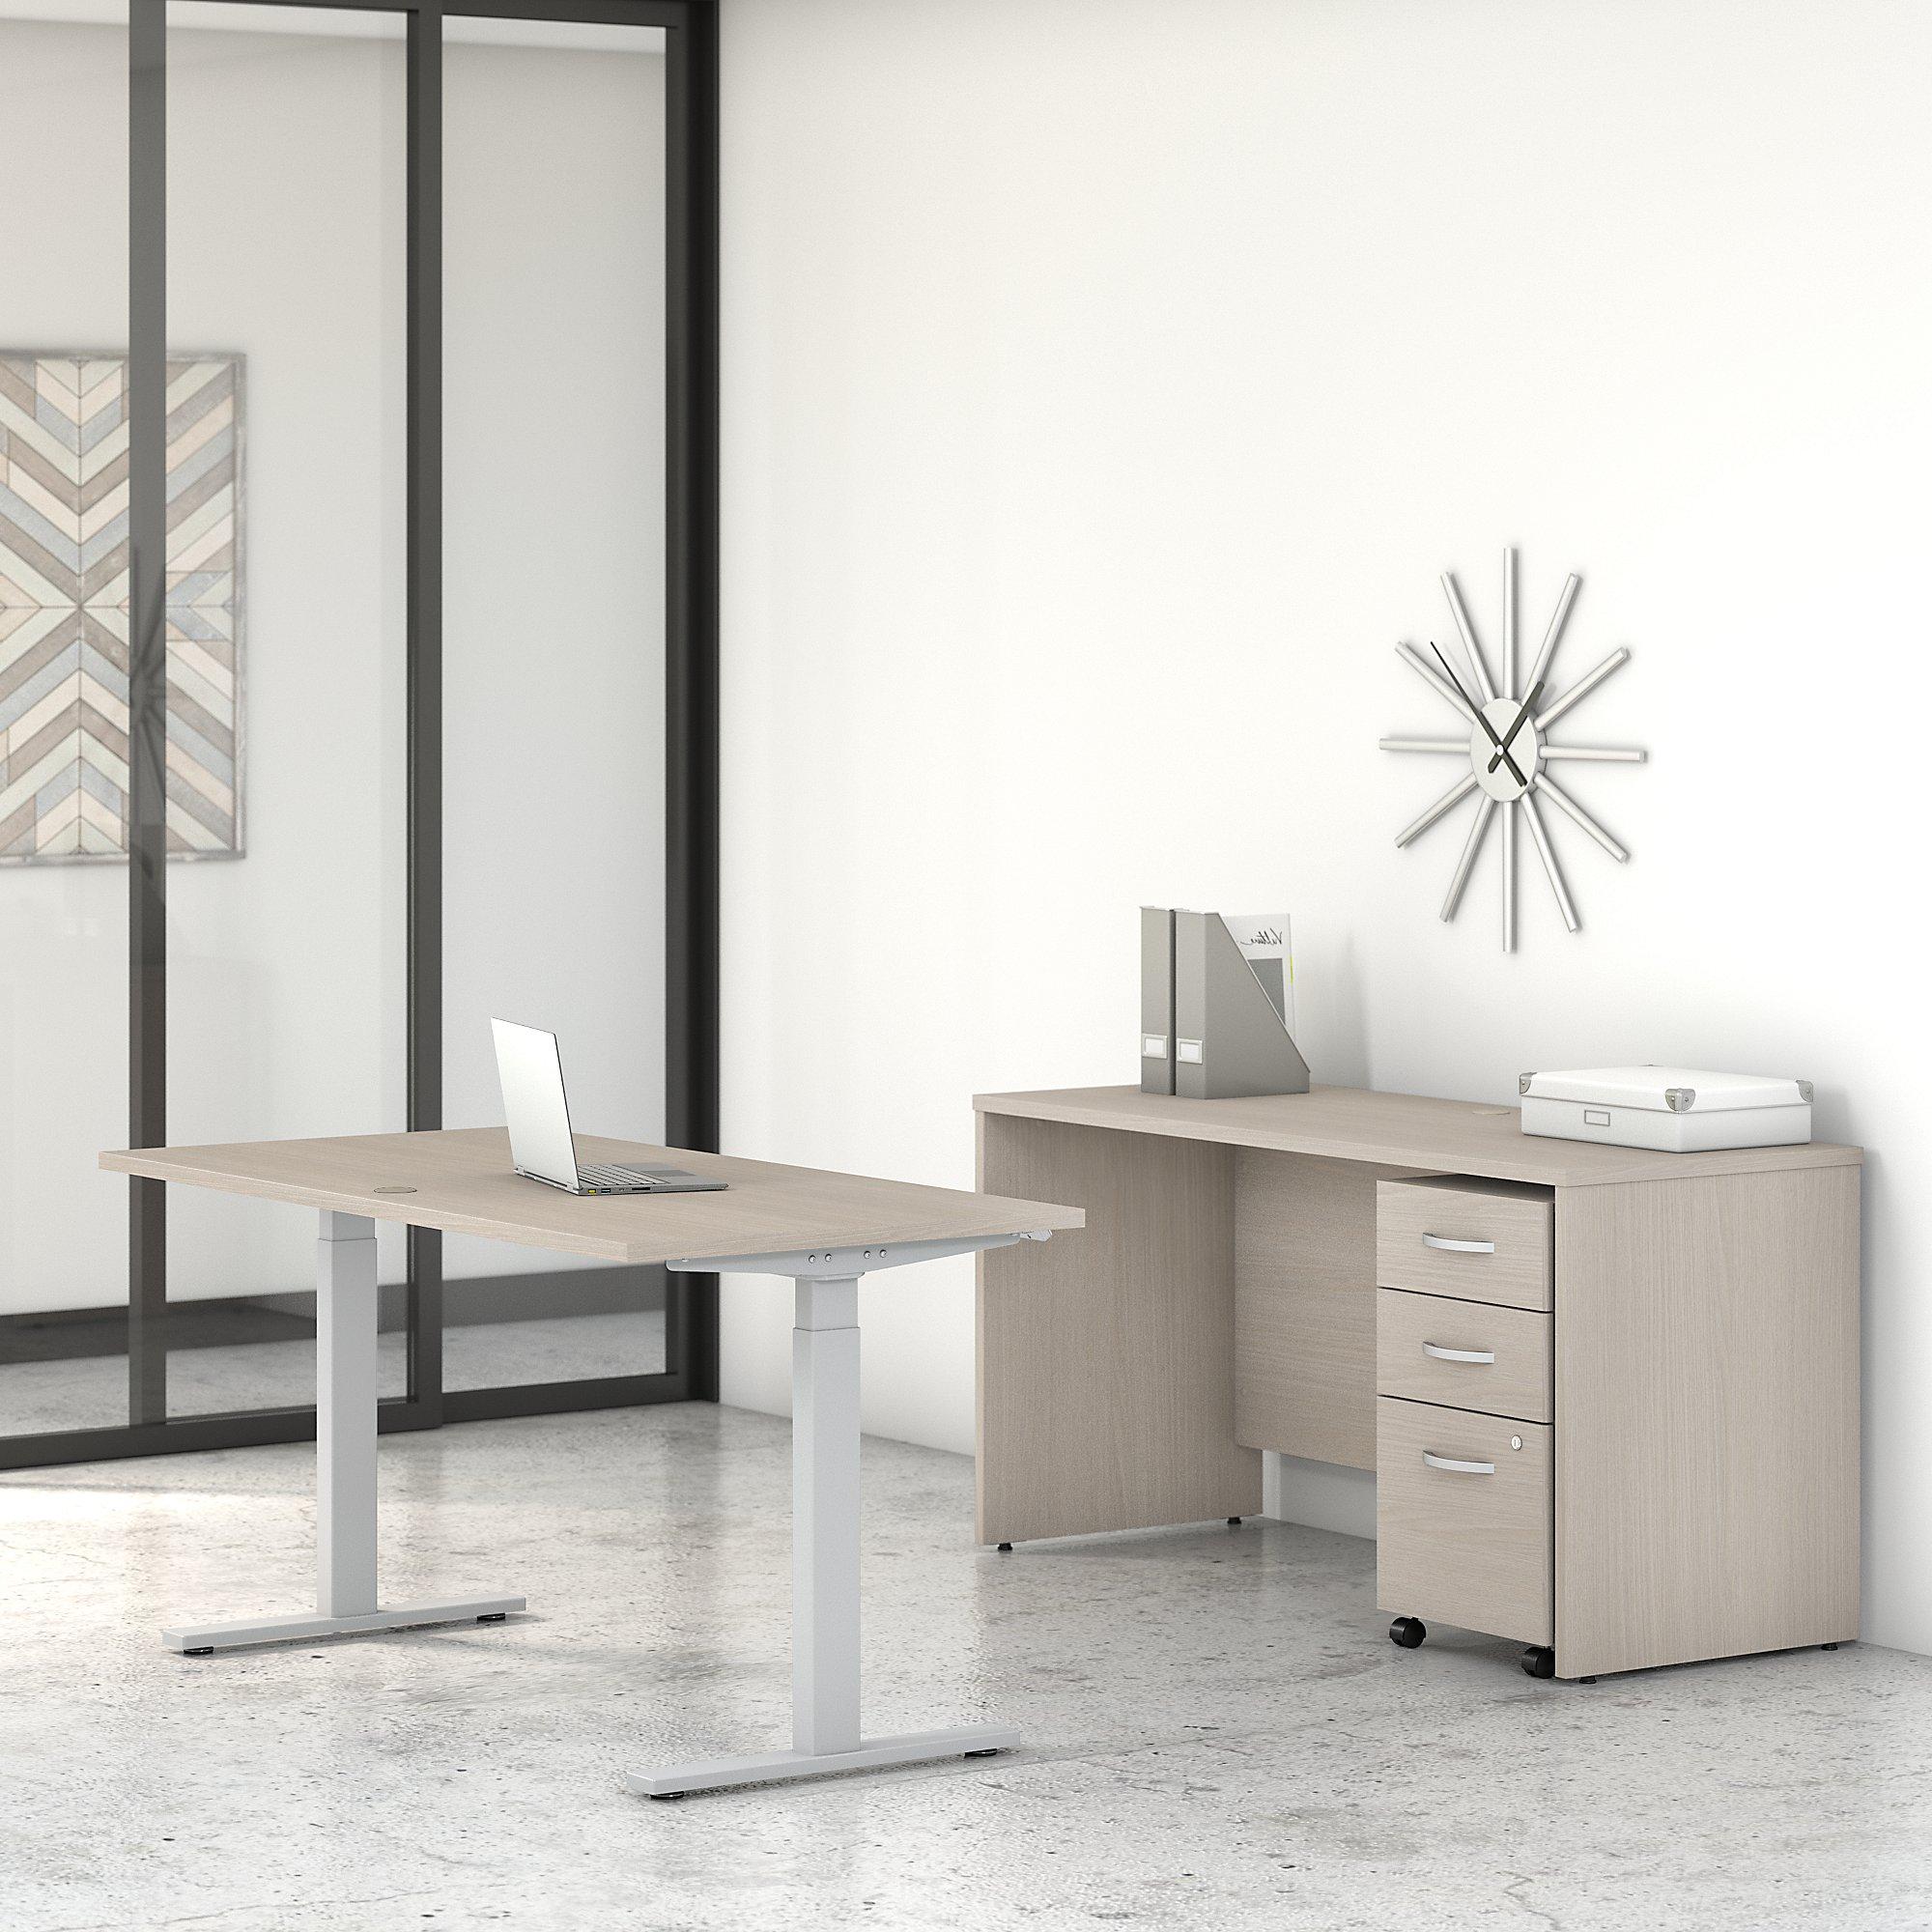 sand oak stc017 studio c ergonomic desk set